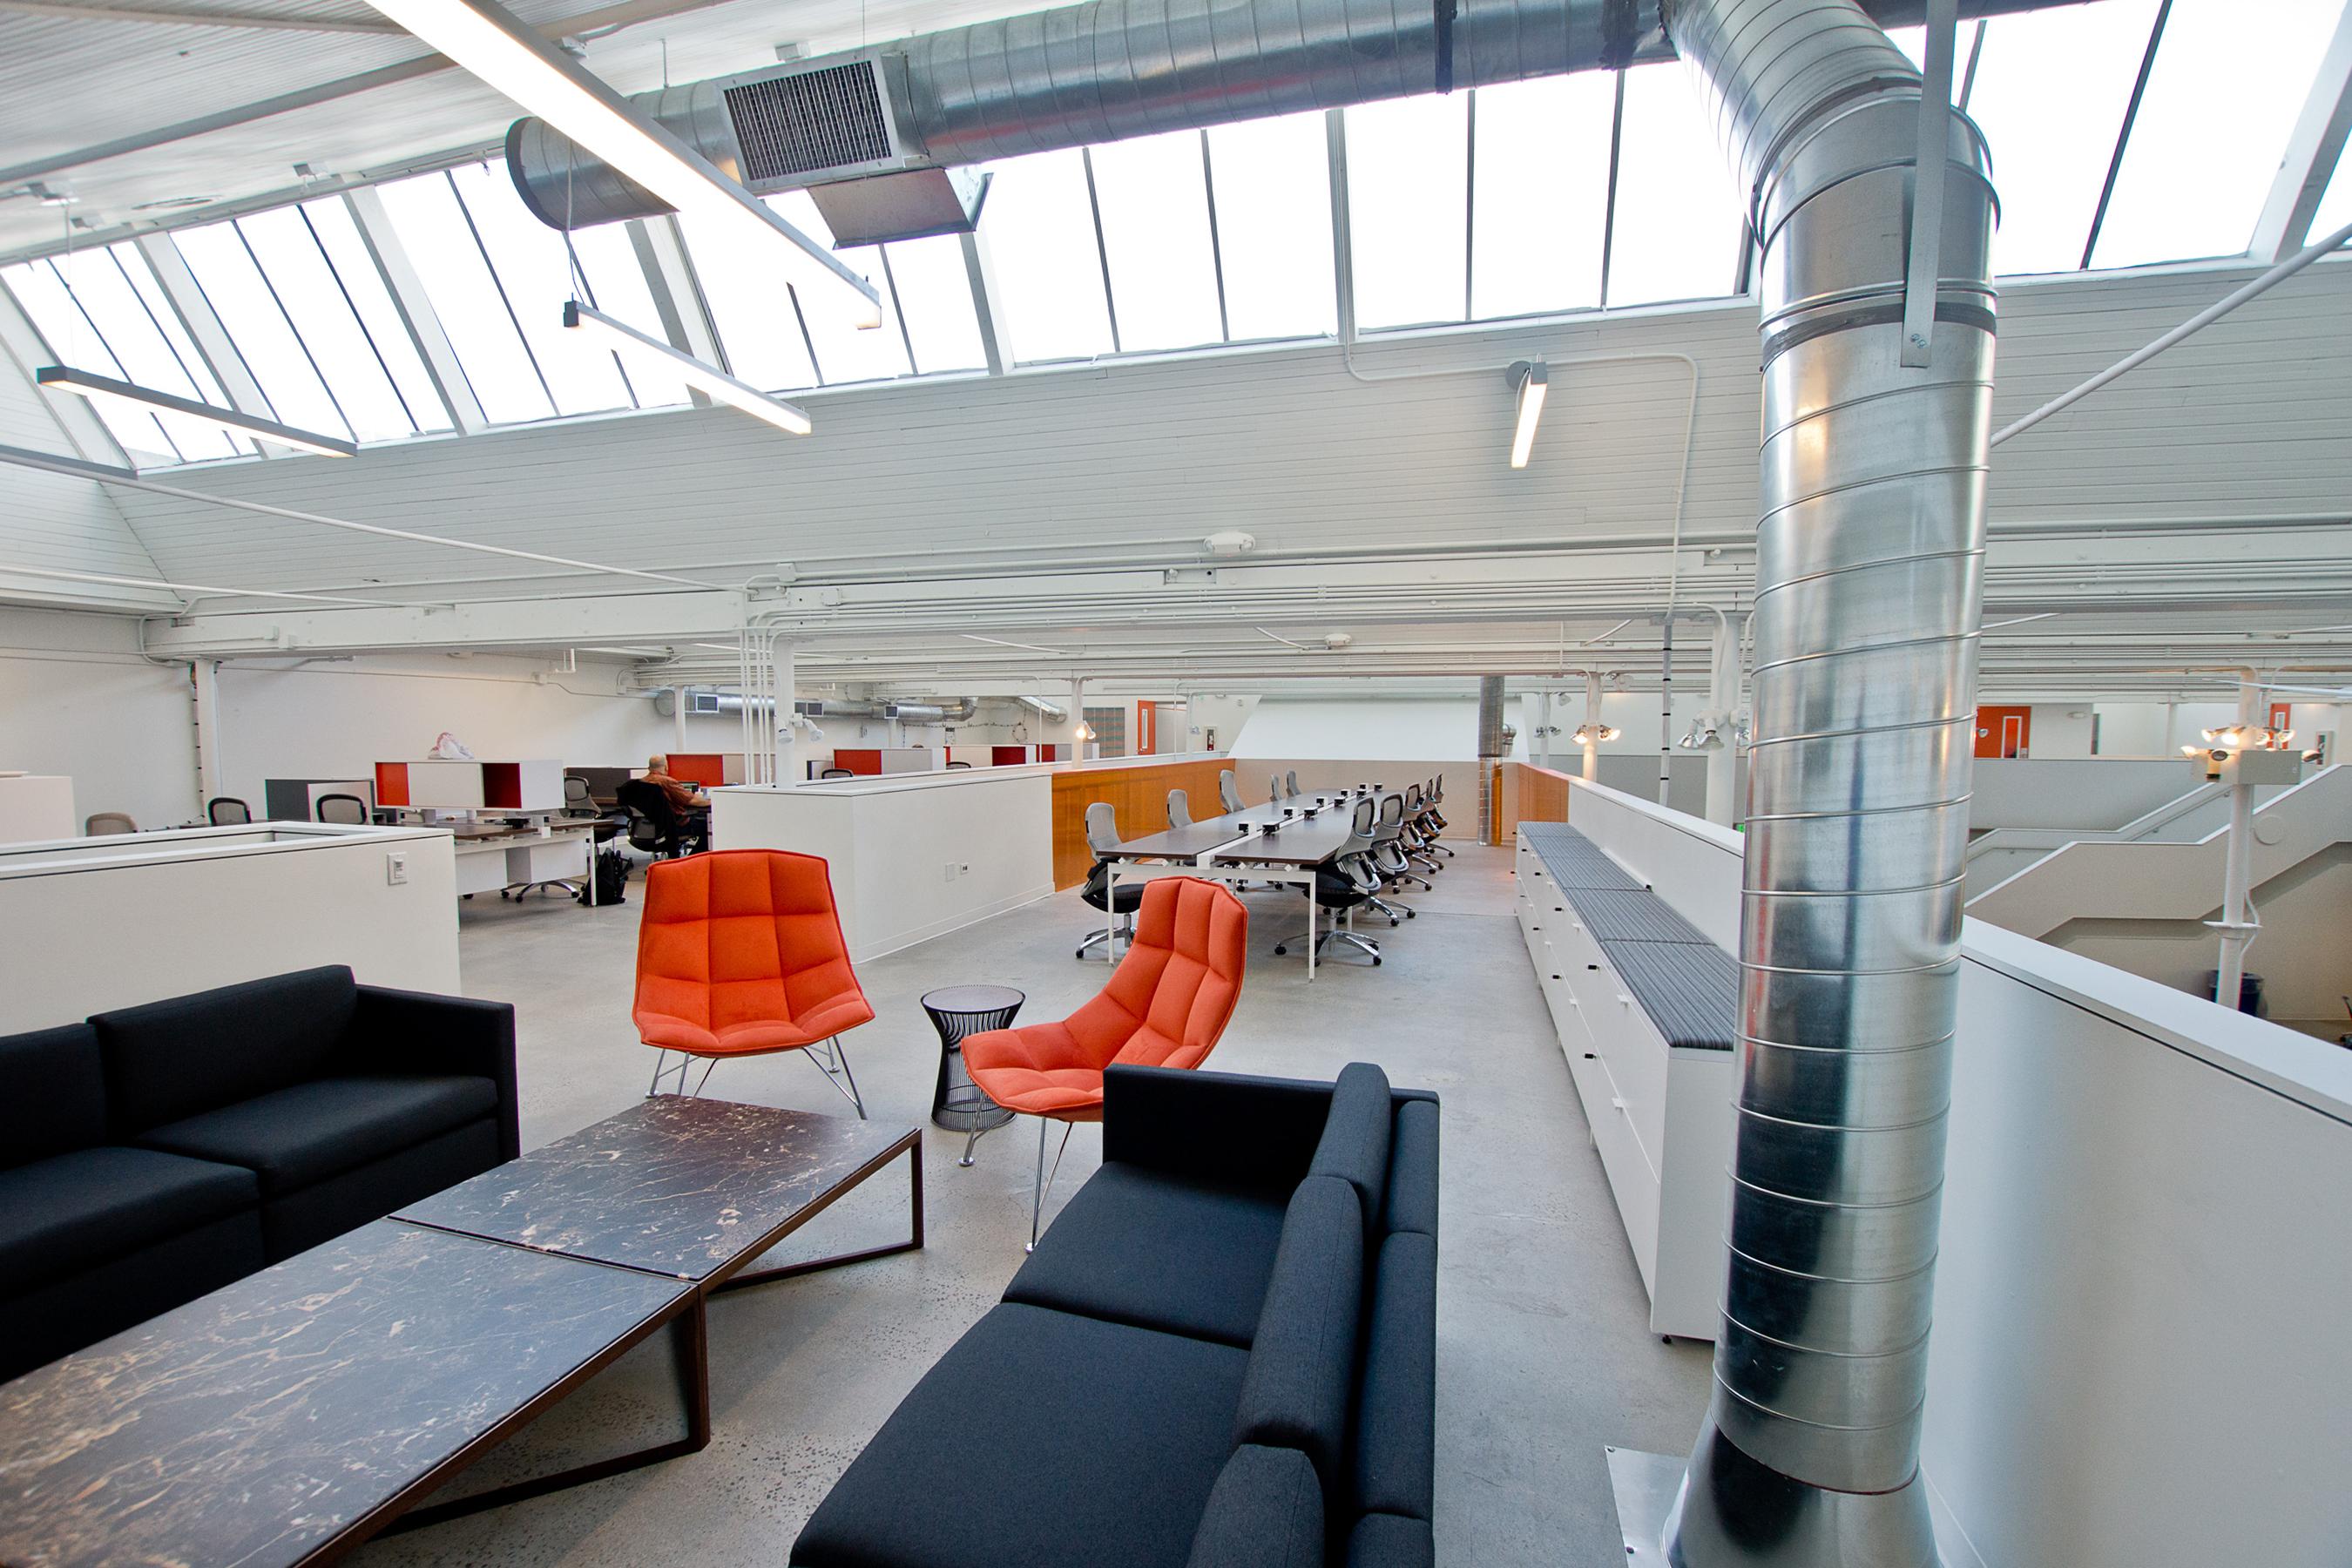 galvanize 1.0 cowork break out space mezzanine open studio architecture OSA